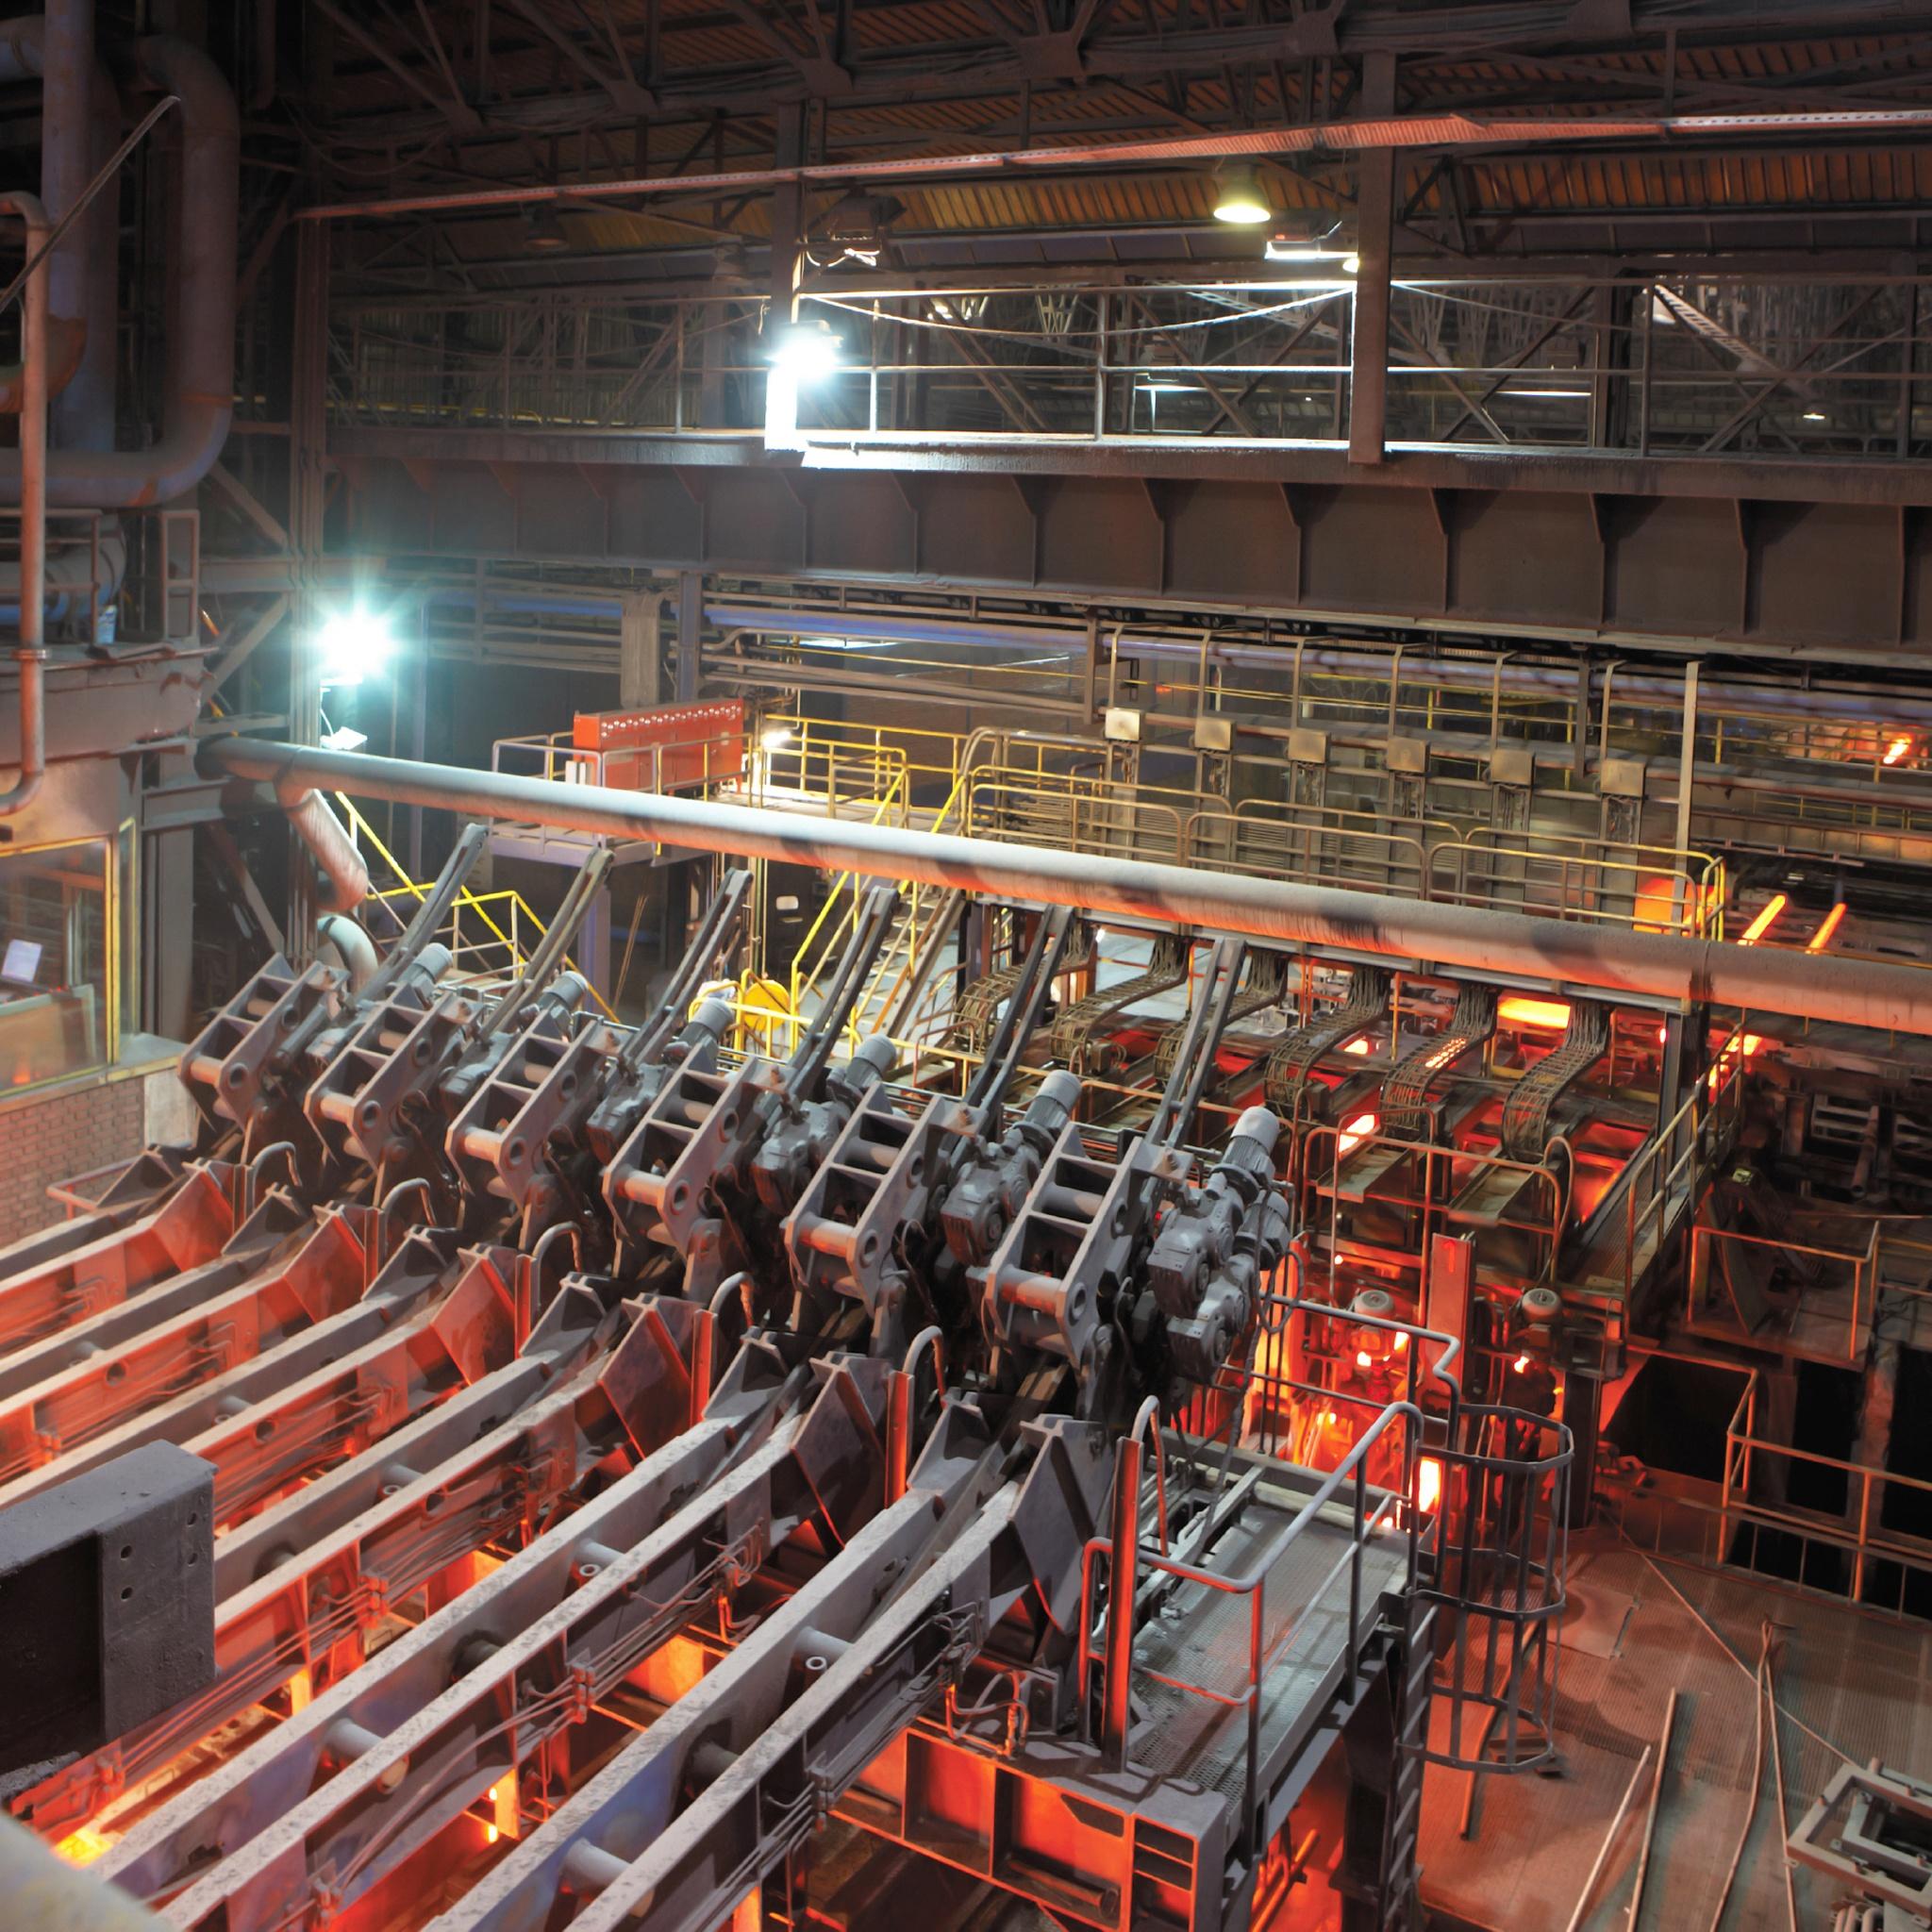 industrial320_2_of_4-1.jpg